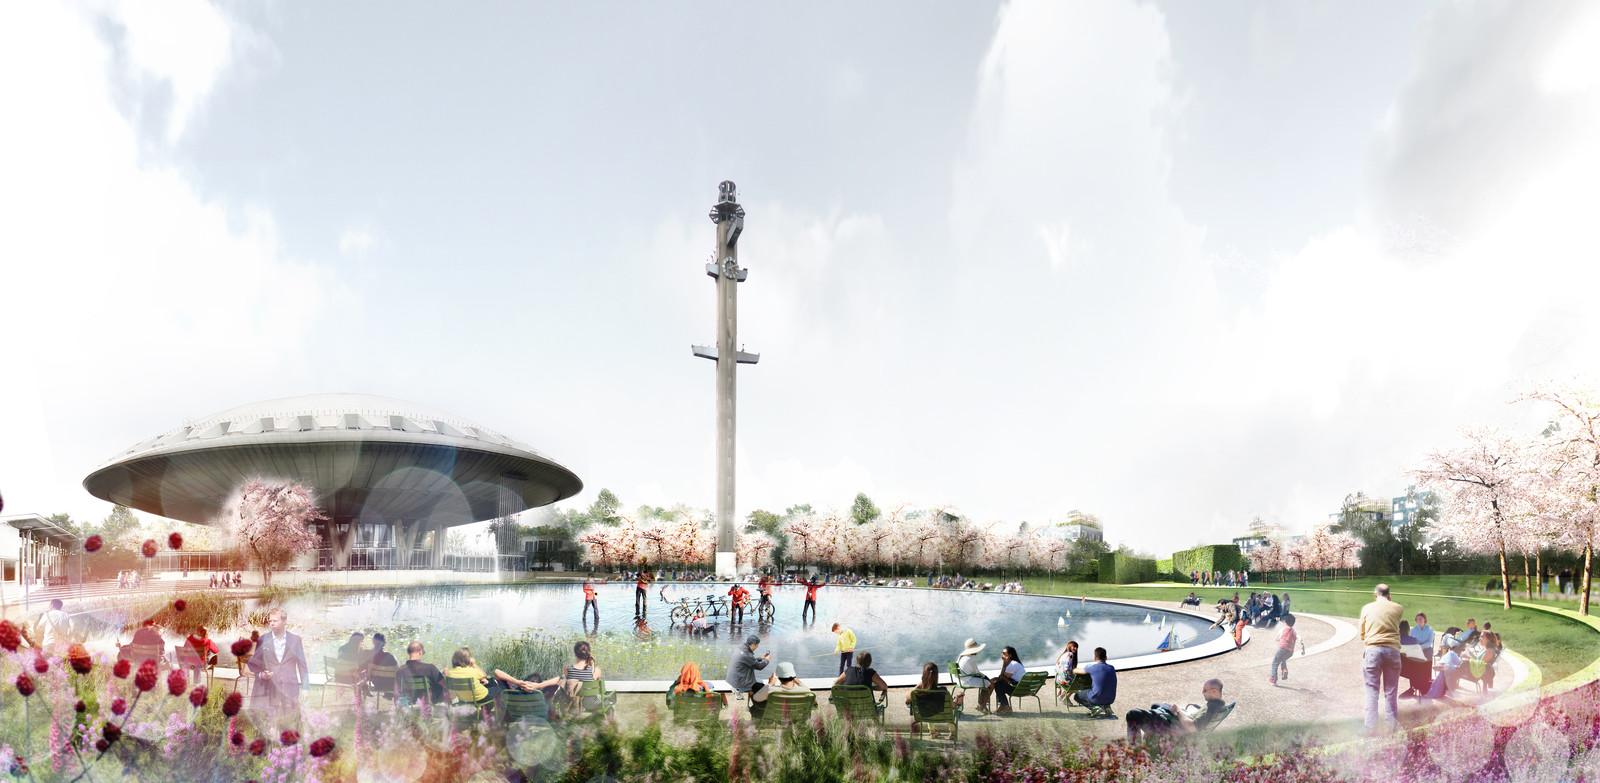 Een impressie van het park rond het Evoluon in Eindhoven zoals de nieuwe eigenaren Foolen & Reijs dat voor ogen hebben.